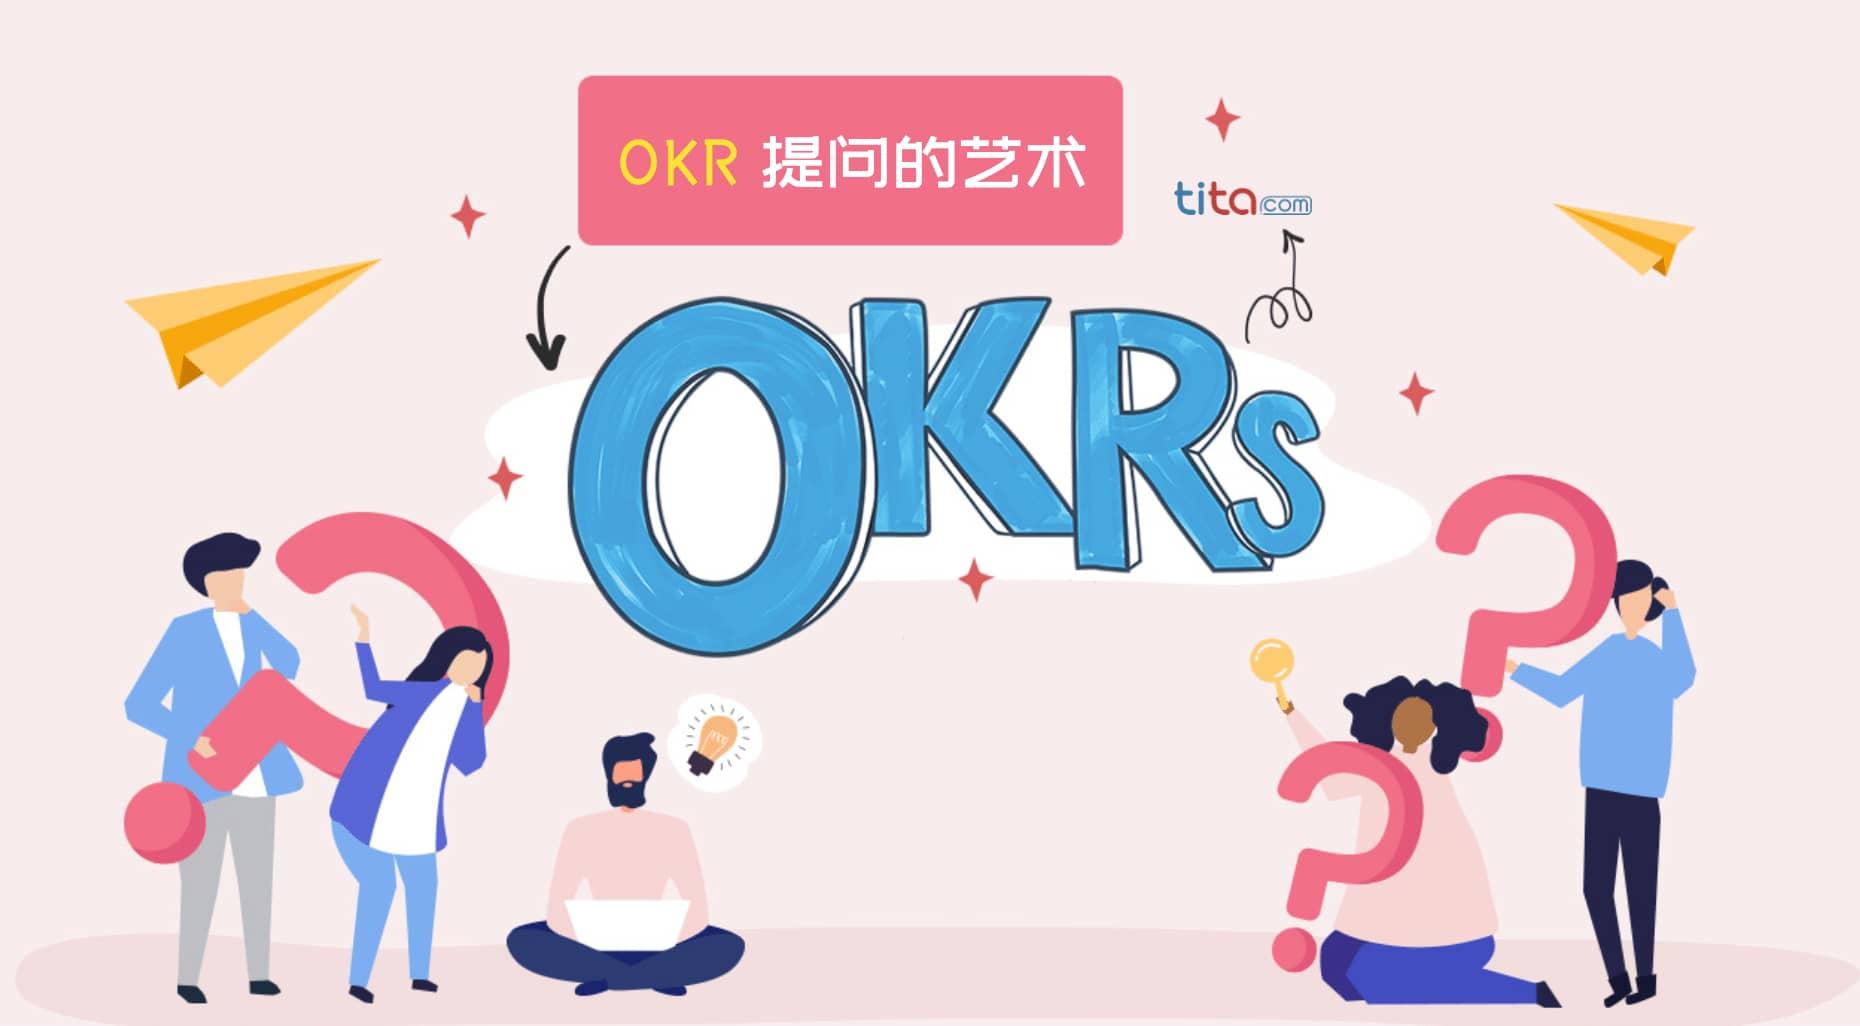 在OKR管理过程中,如何让员工的更高效?